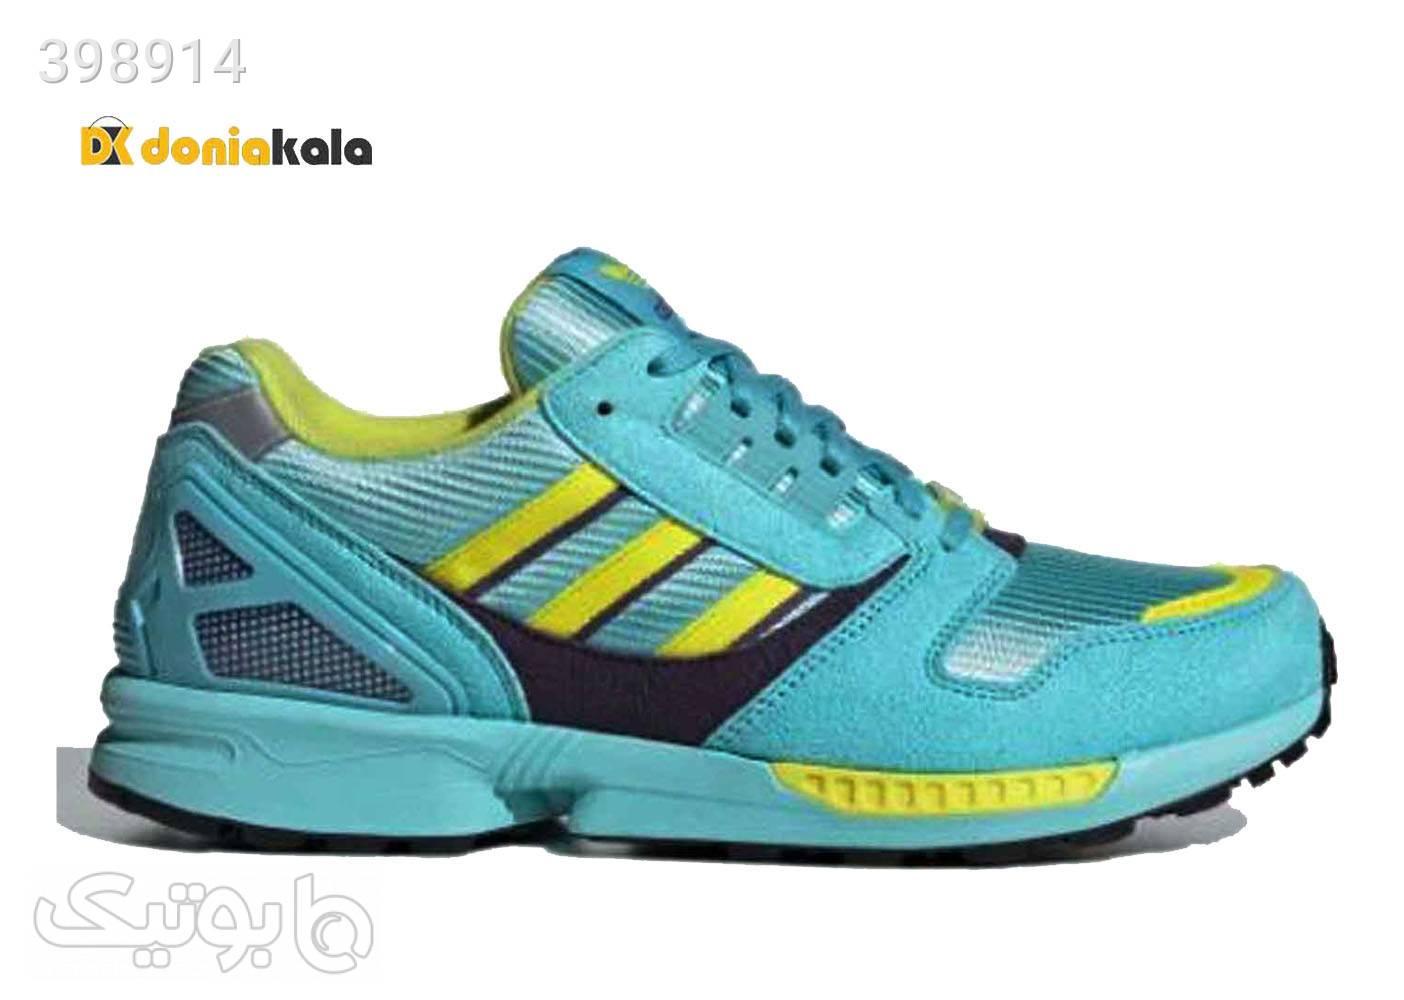 کتونی اسپرت و پیاده روی مردانه آدیداس زد ایکس آکوا Adidas ZX8000 aqua 2020 فیروزه ای كتانی مردانه